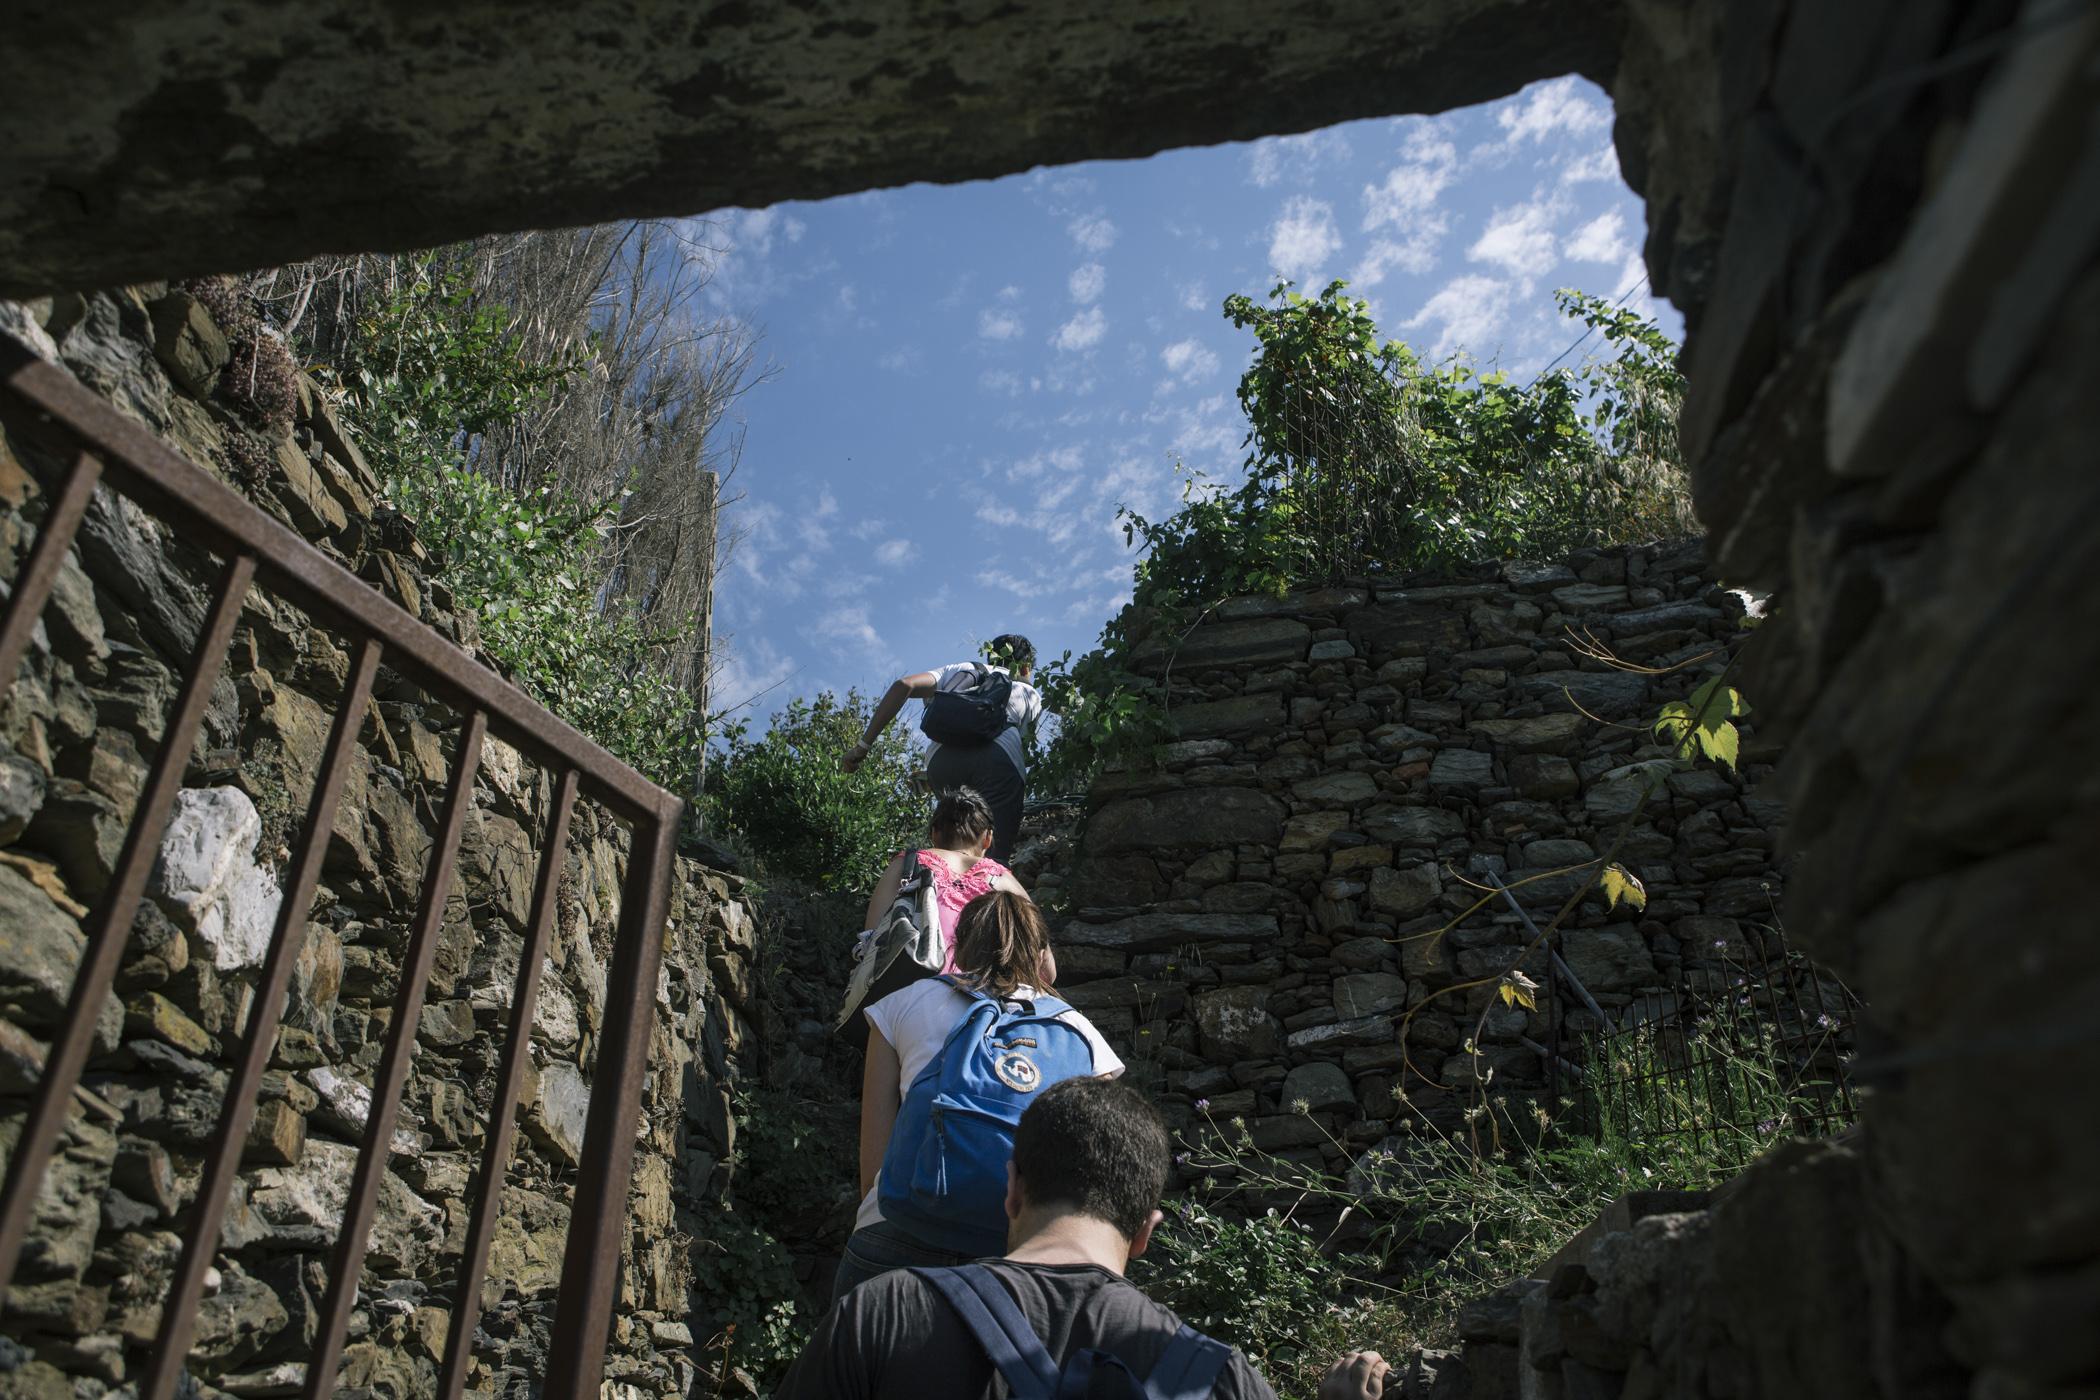 Estudantes sobem a encosta íngreme para analisar os muros de pedra.  Foto: Gianni Cipriano/The New York Times